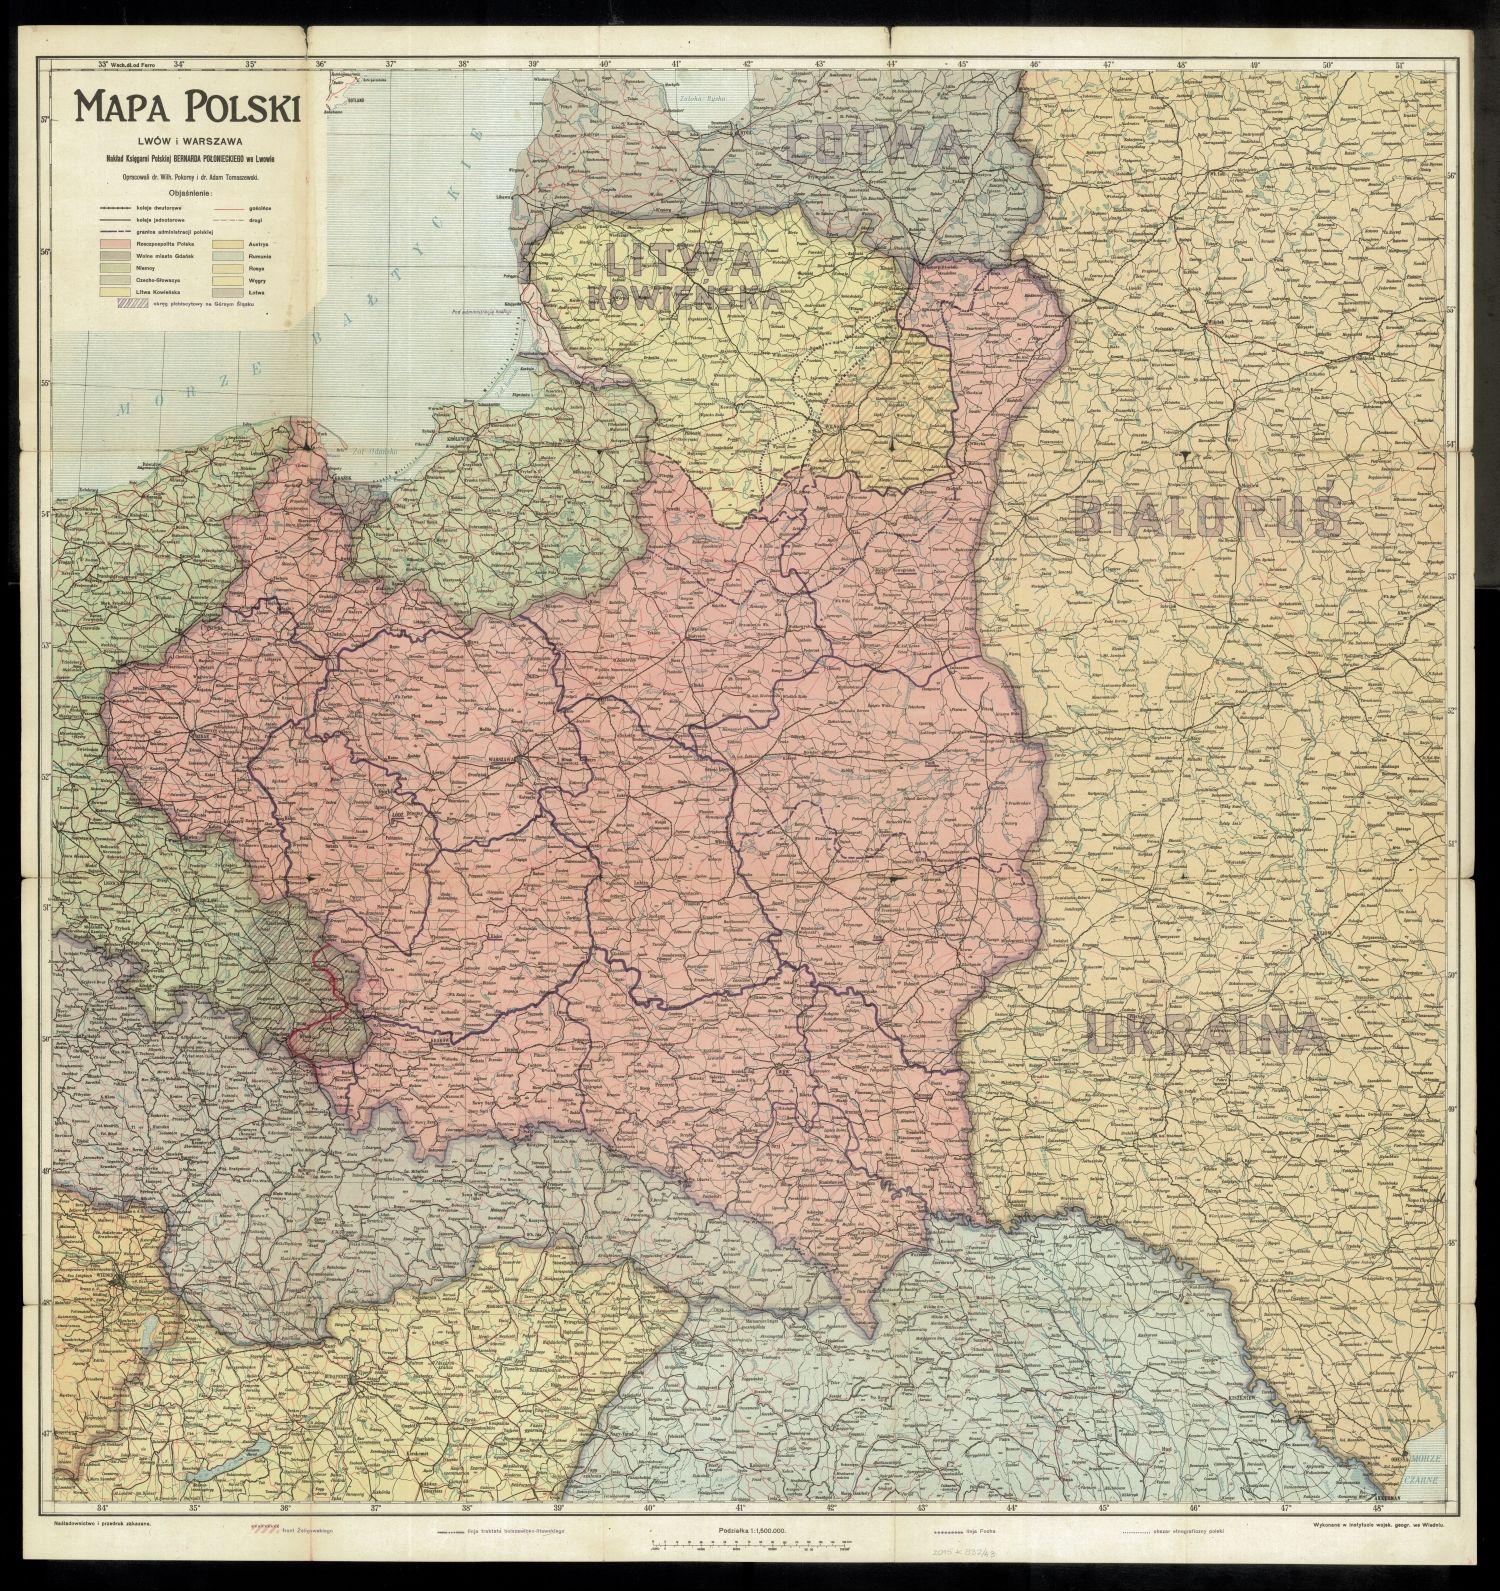 W walce o granice II Rzeczpospolitej zginęło, zostało rannych lub zaginęło aż ćwierć miliona polskich żołnierzy!